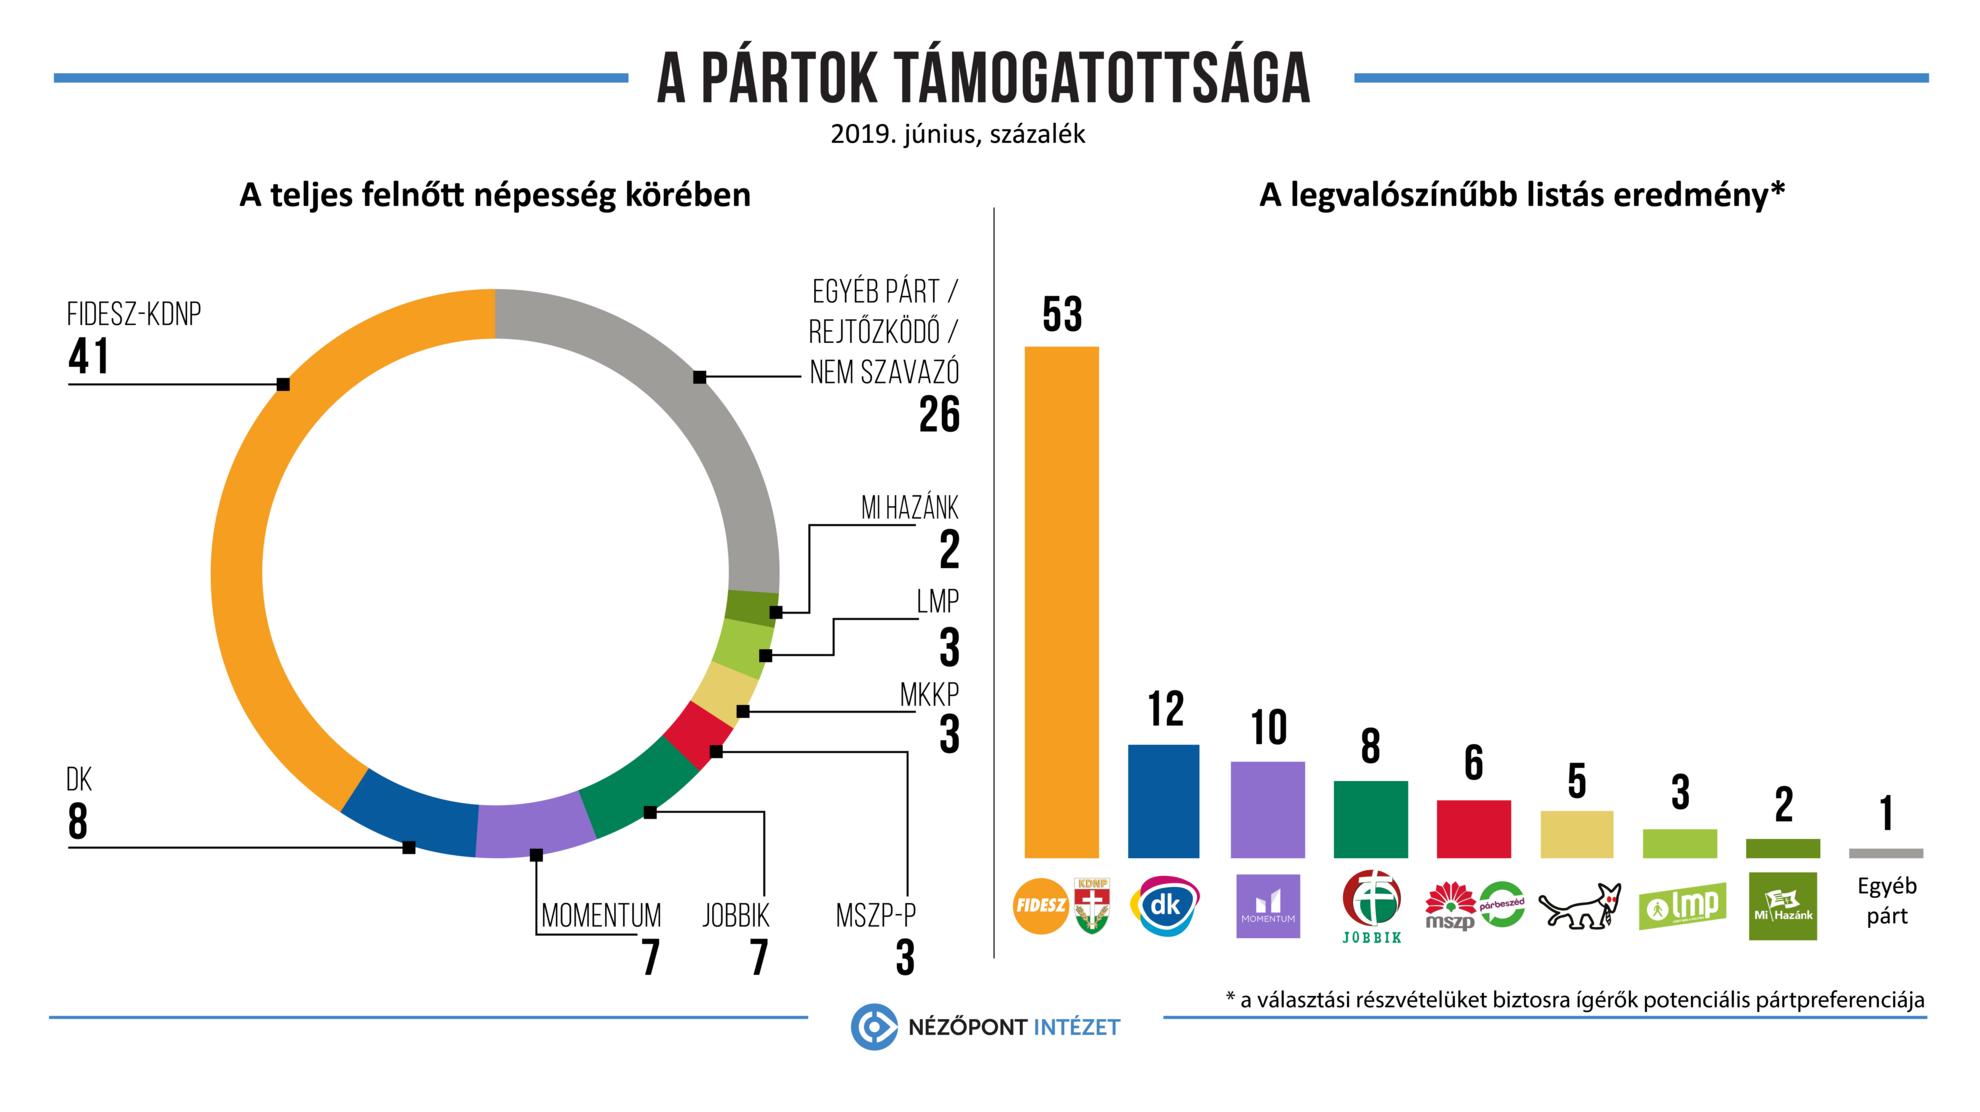 A biztos szavazók több mint fele (53 százalék) továbbra is a kormánypártokkal szimpatizál